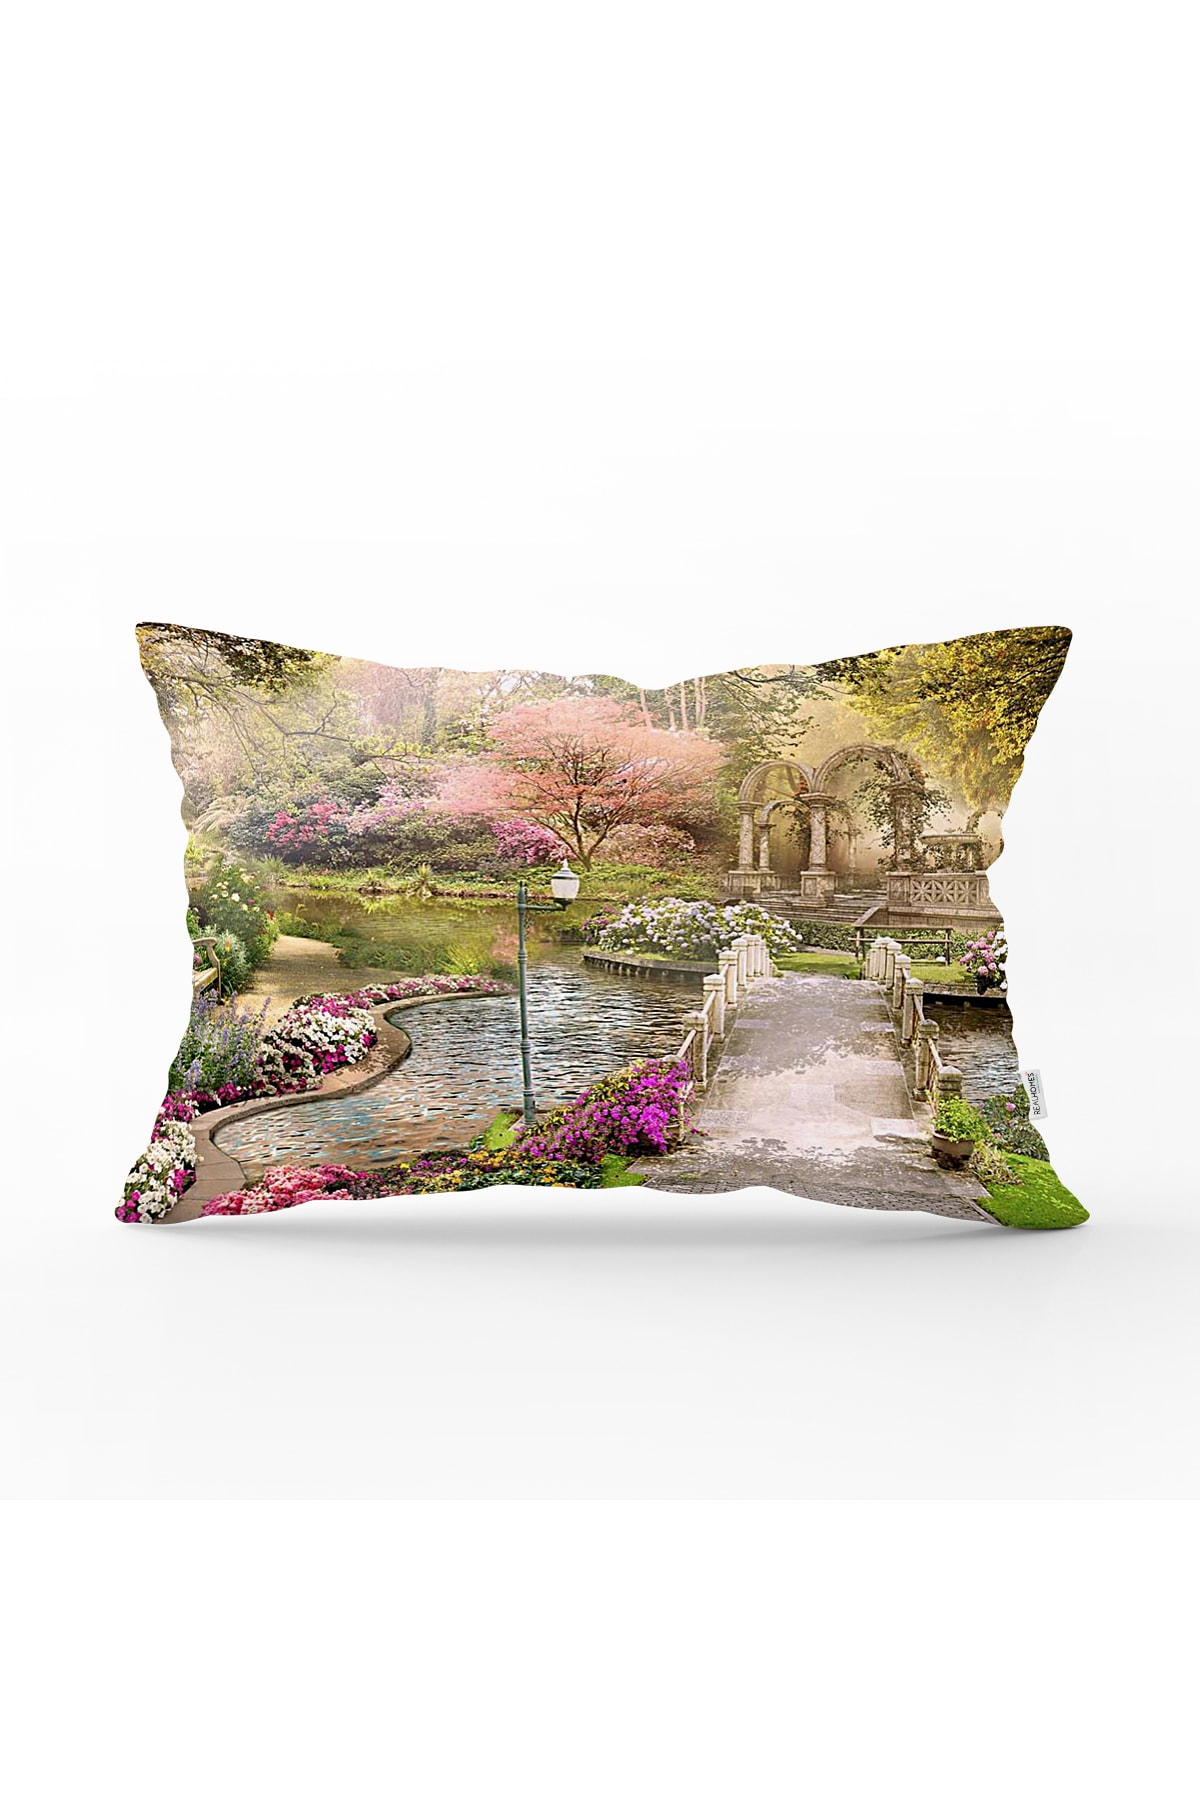 Realhomes Otantik Bahçe Yağlıboya Tasarımlı Dekoratif Dikdörtgen Yastık Kırlent Kılıfı 1